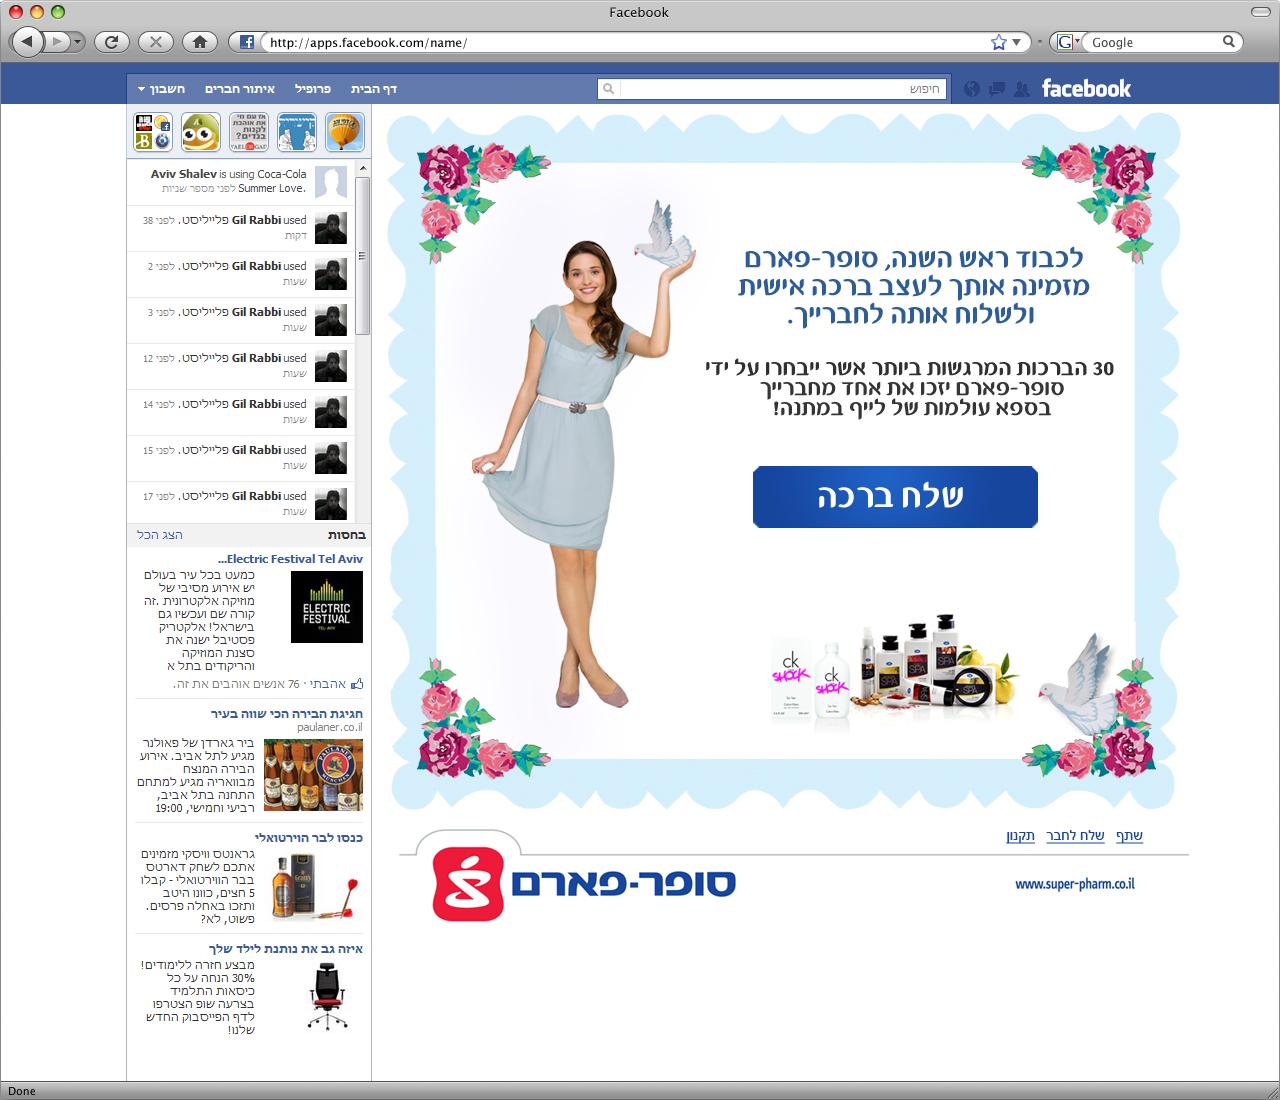 אפליקציית ברכות בפייסבוק - סופר פארם